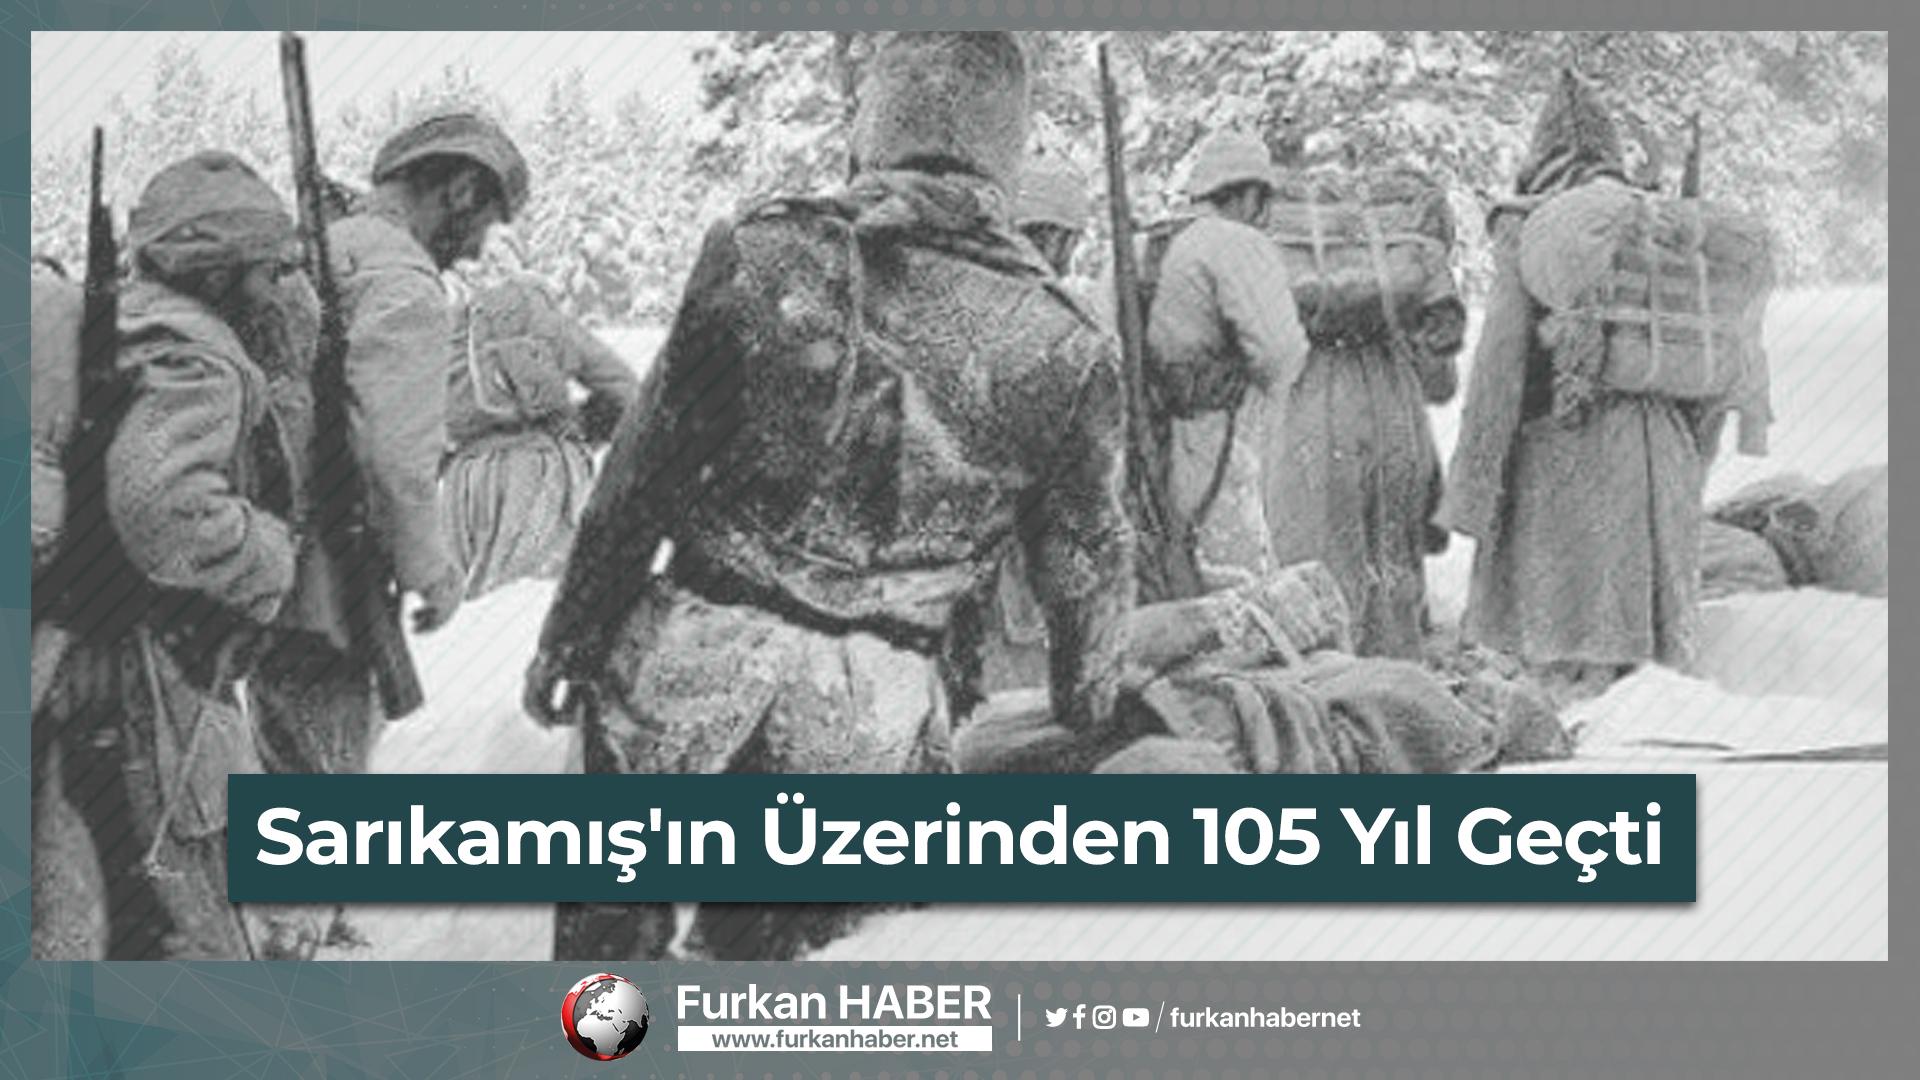 Sarıkamış'ın Üzerinden 105 Yıl Geçti